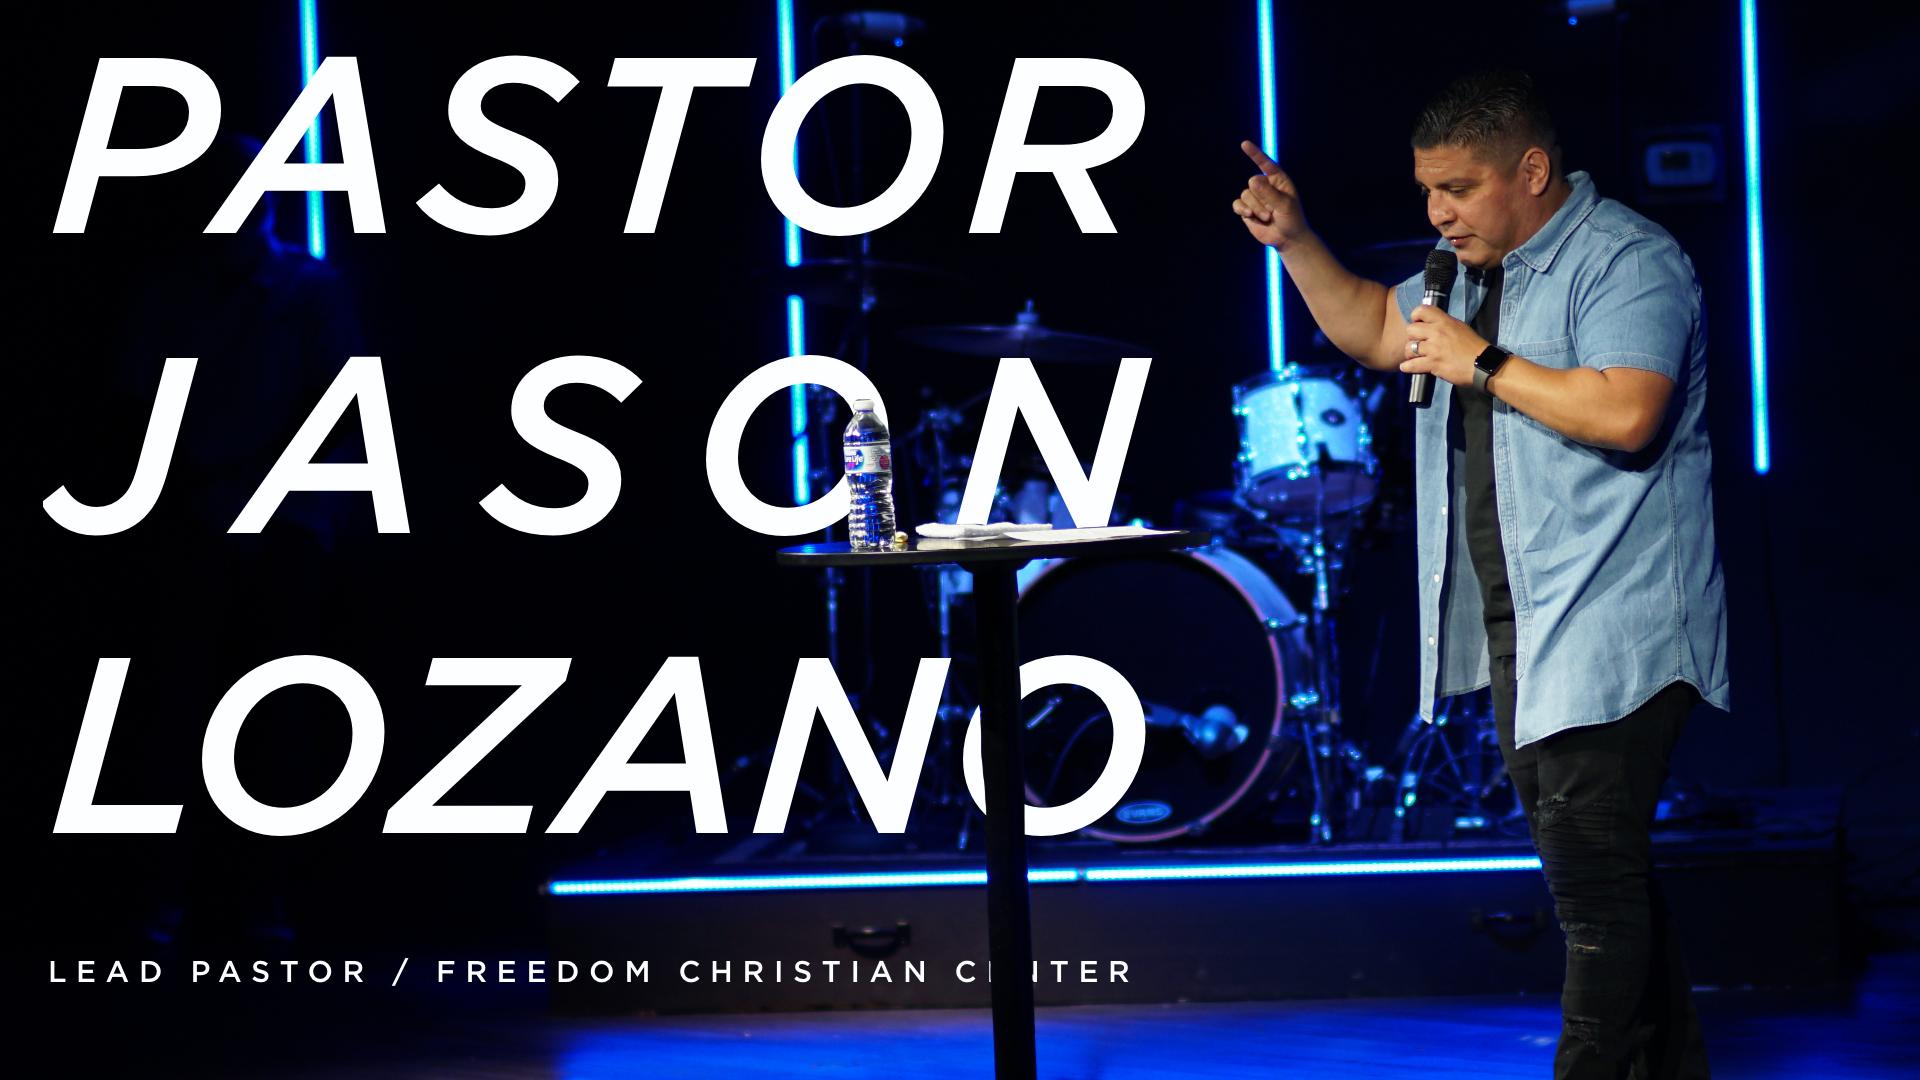 Pastor Jason Lozano Podcast Cover.jpg